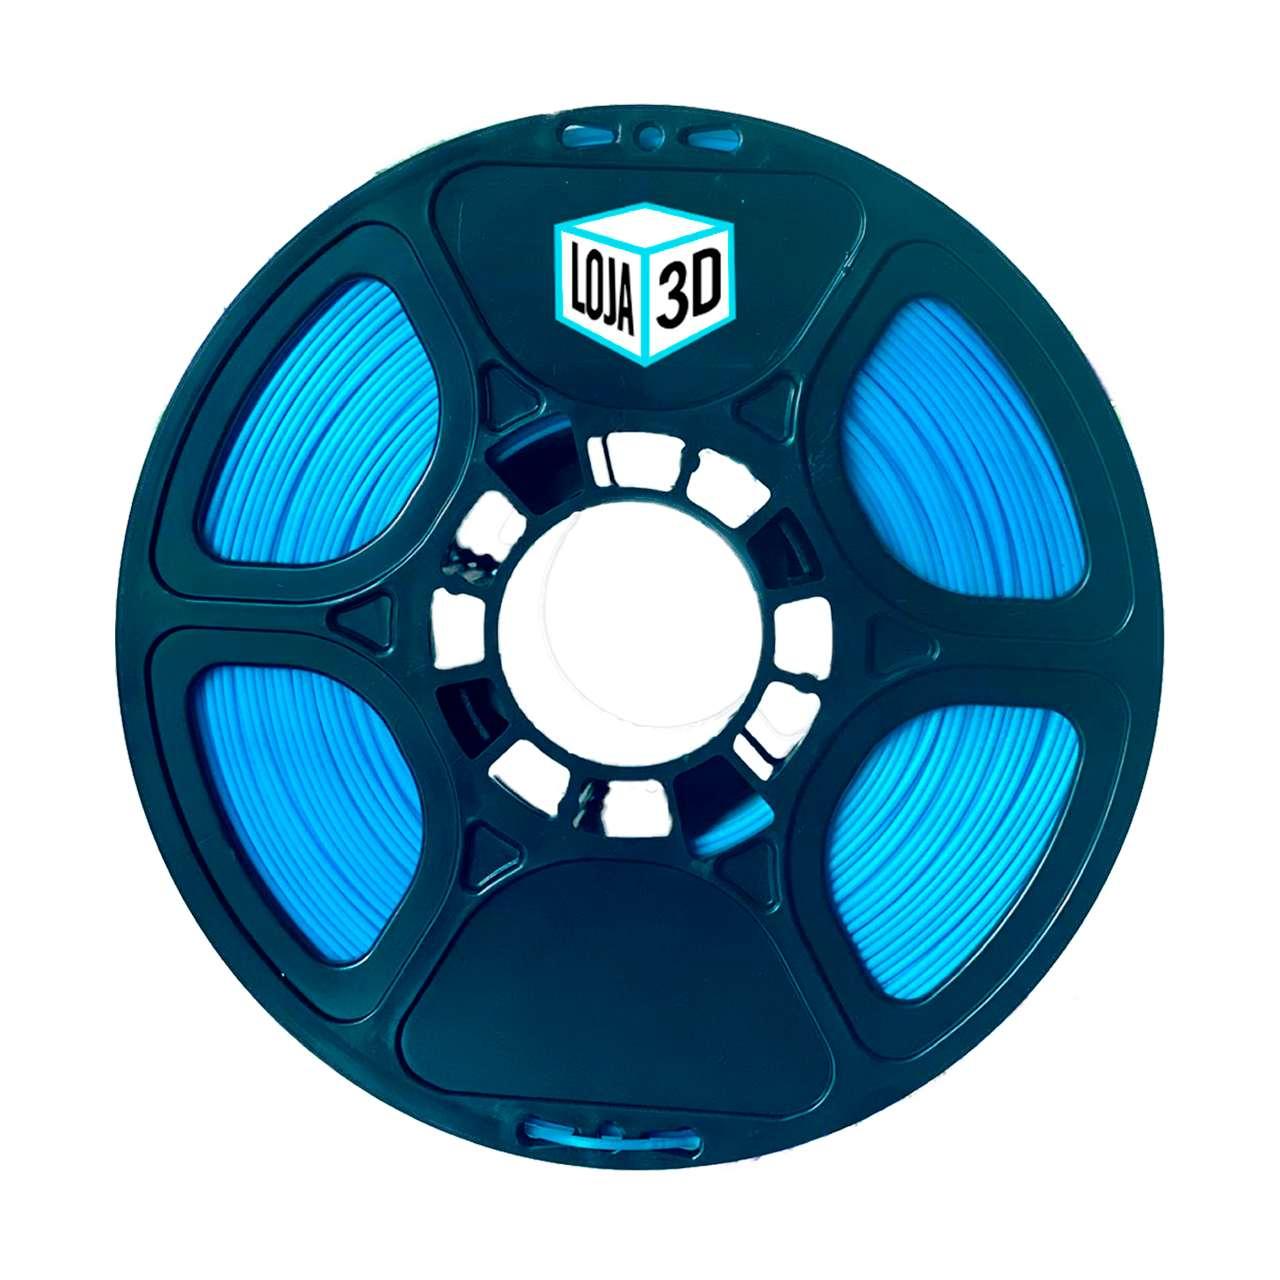 Filamento PLA Pro de Alta Resistência - Azul Marinho - Loja 3D - 1.75mm - 1kg